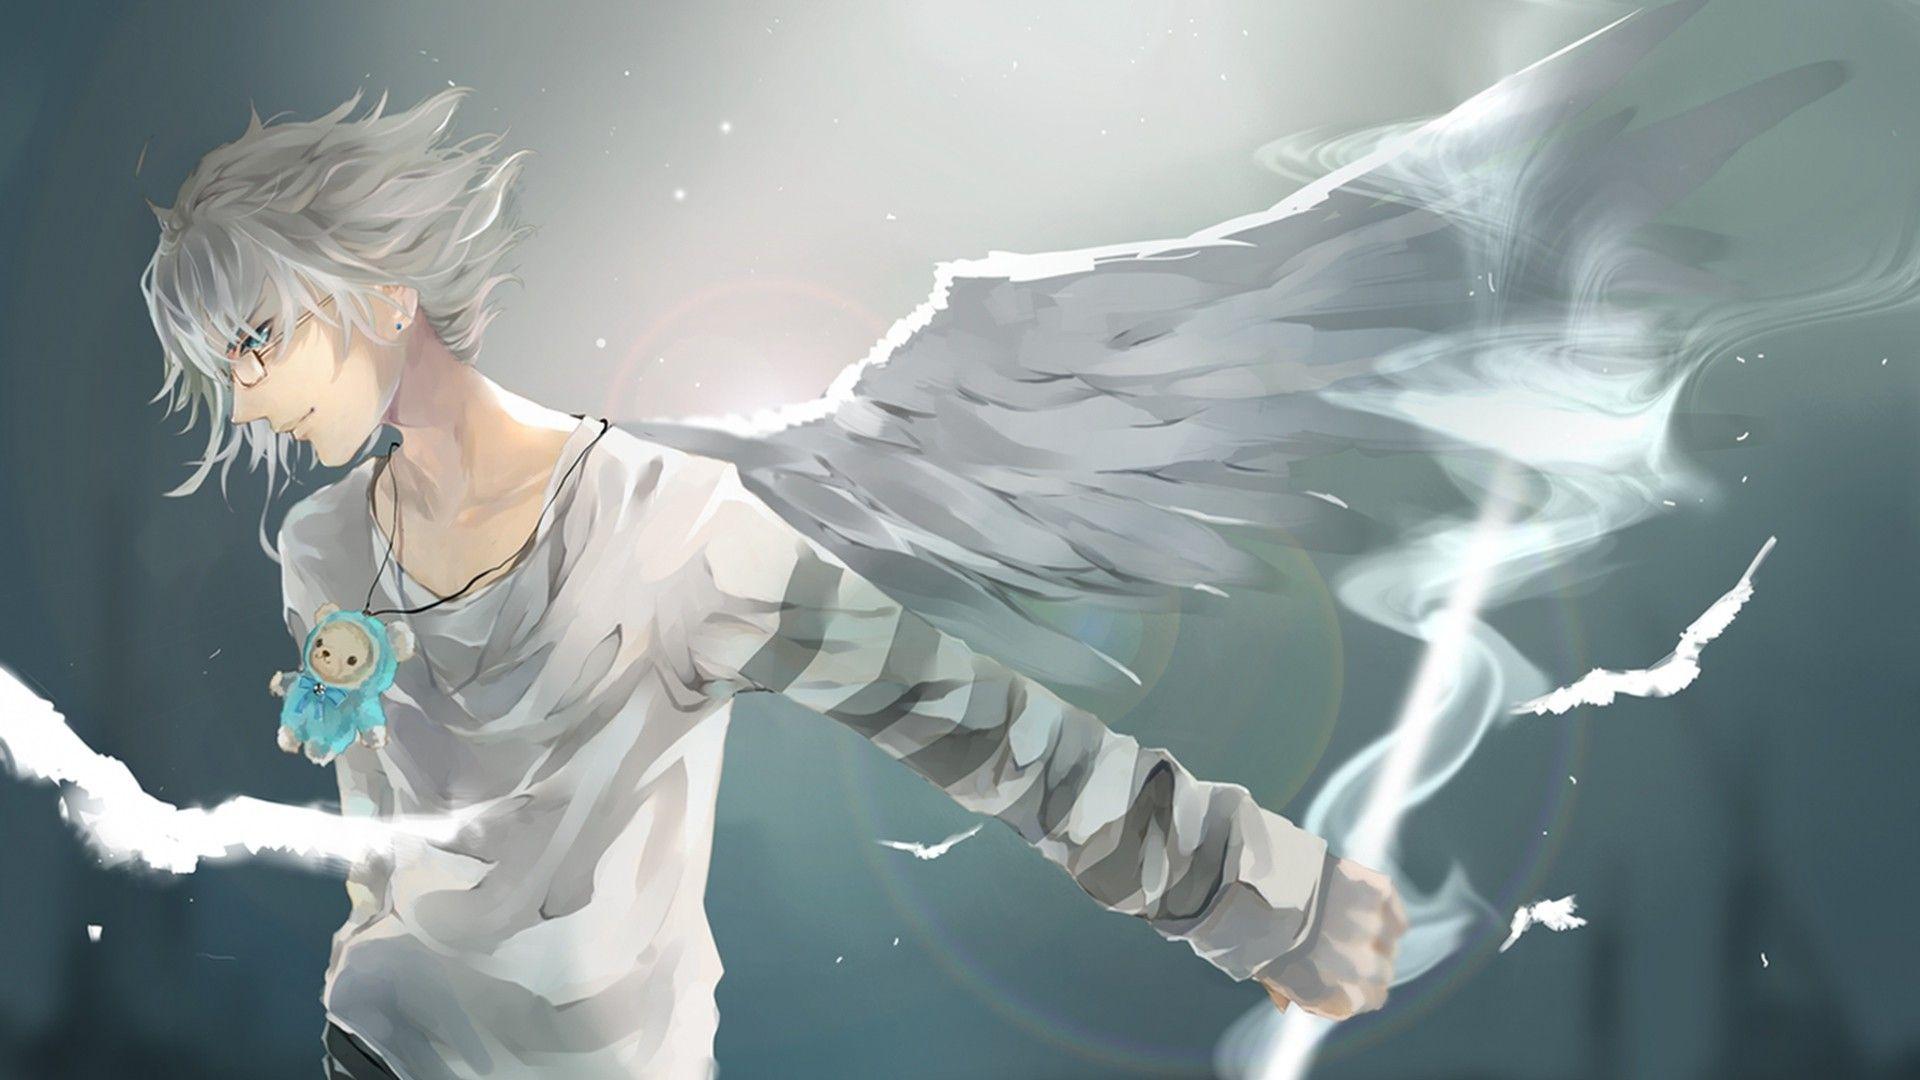 17 Download Gambar Wallpaper Anime Hd https//ift.tt